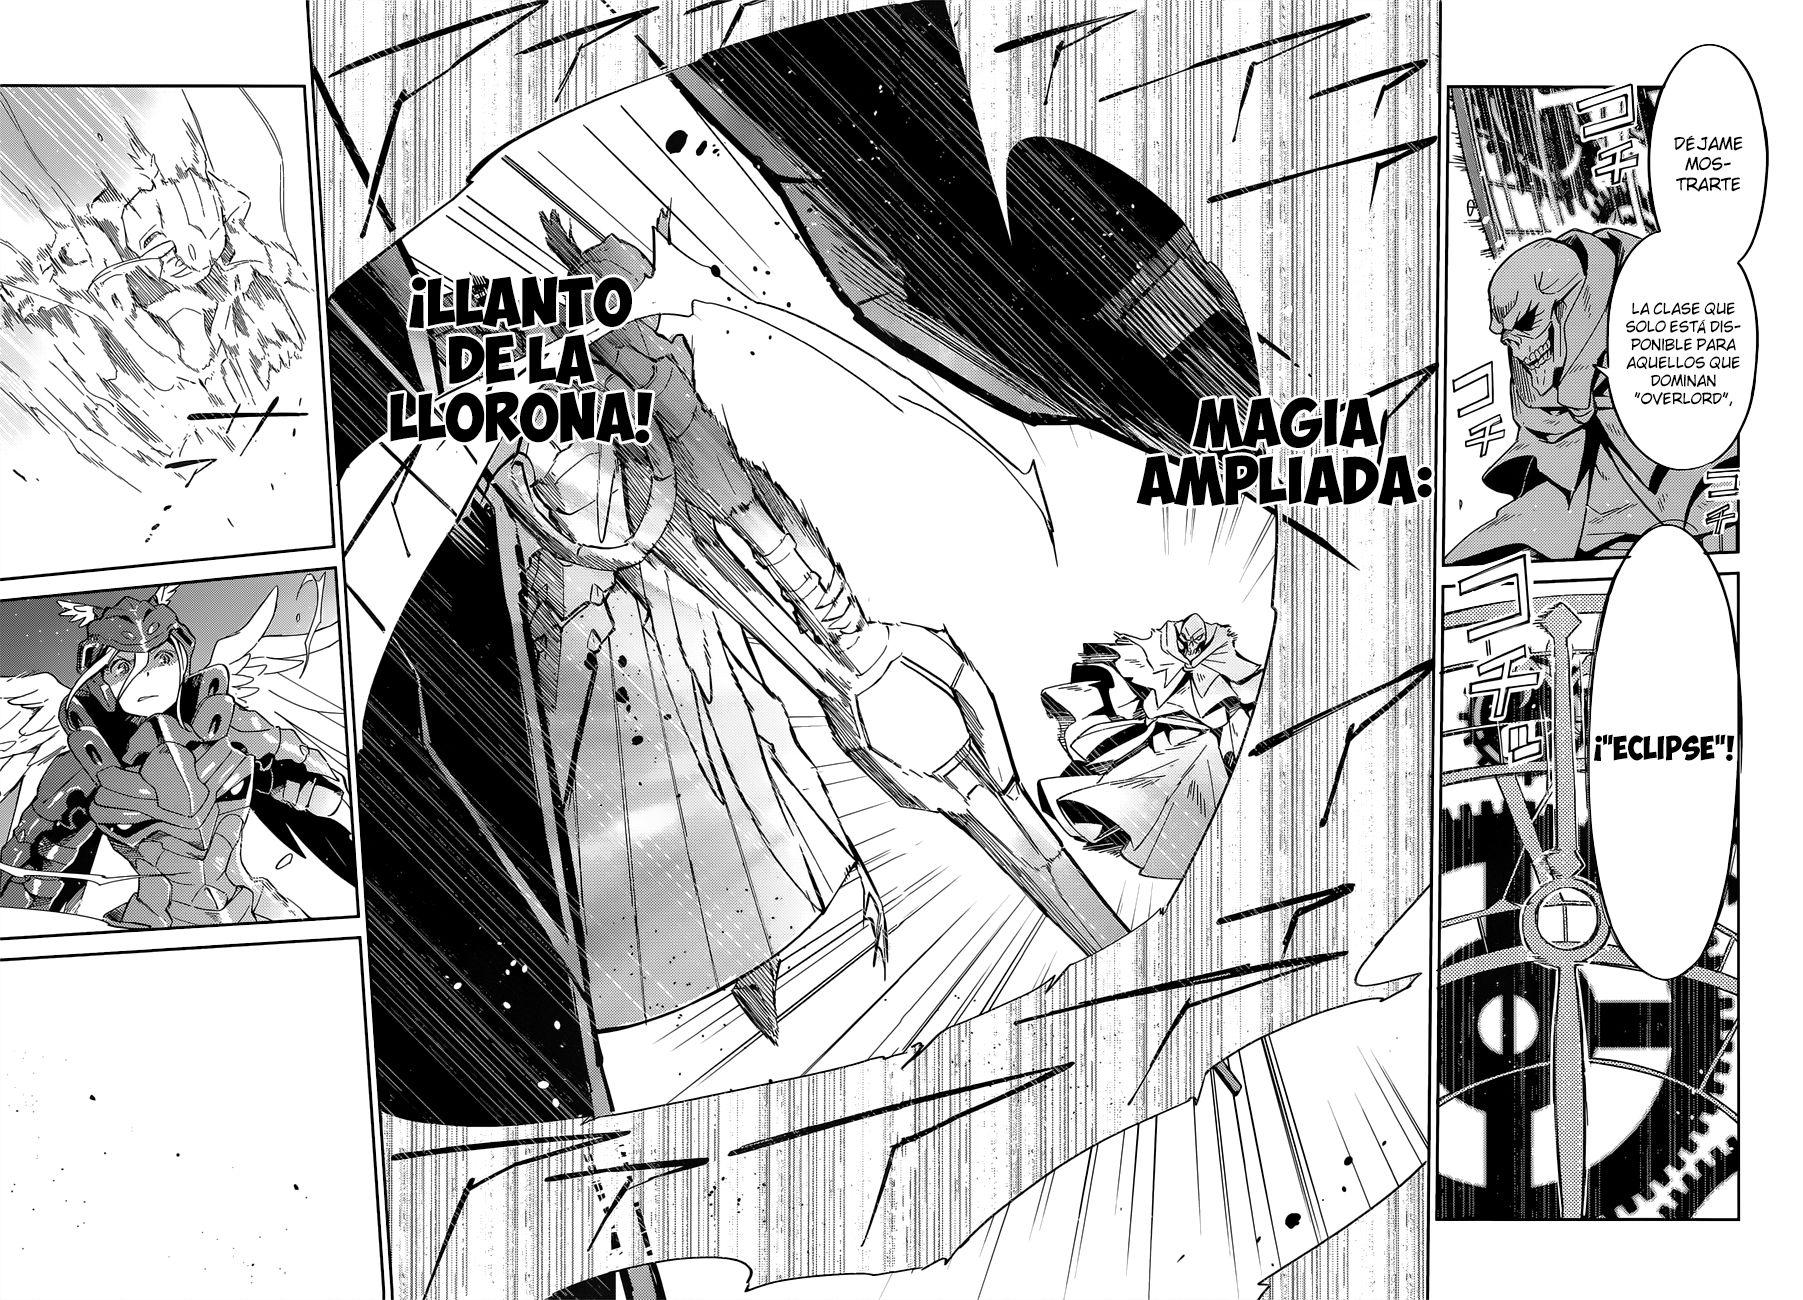 http://c5.ninemanga.com/es_manga/47/6831/456857/115acf0e62e6e62aab5e6dcd475d1a32.jpg Page 8